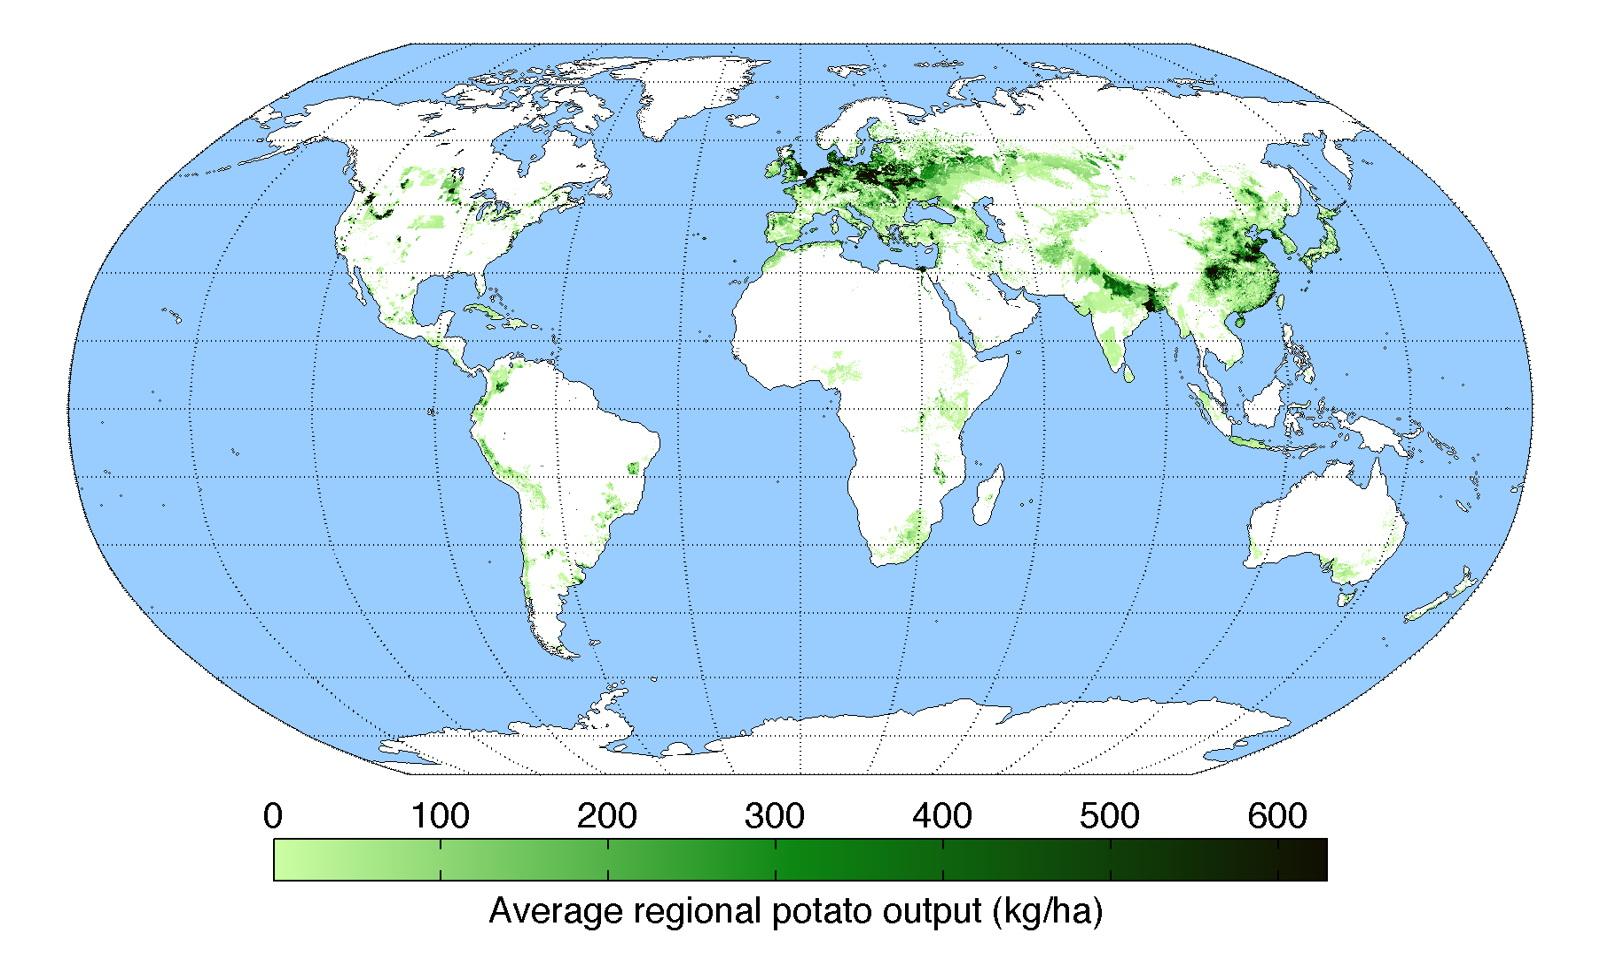 Average regional potato output